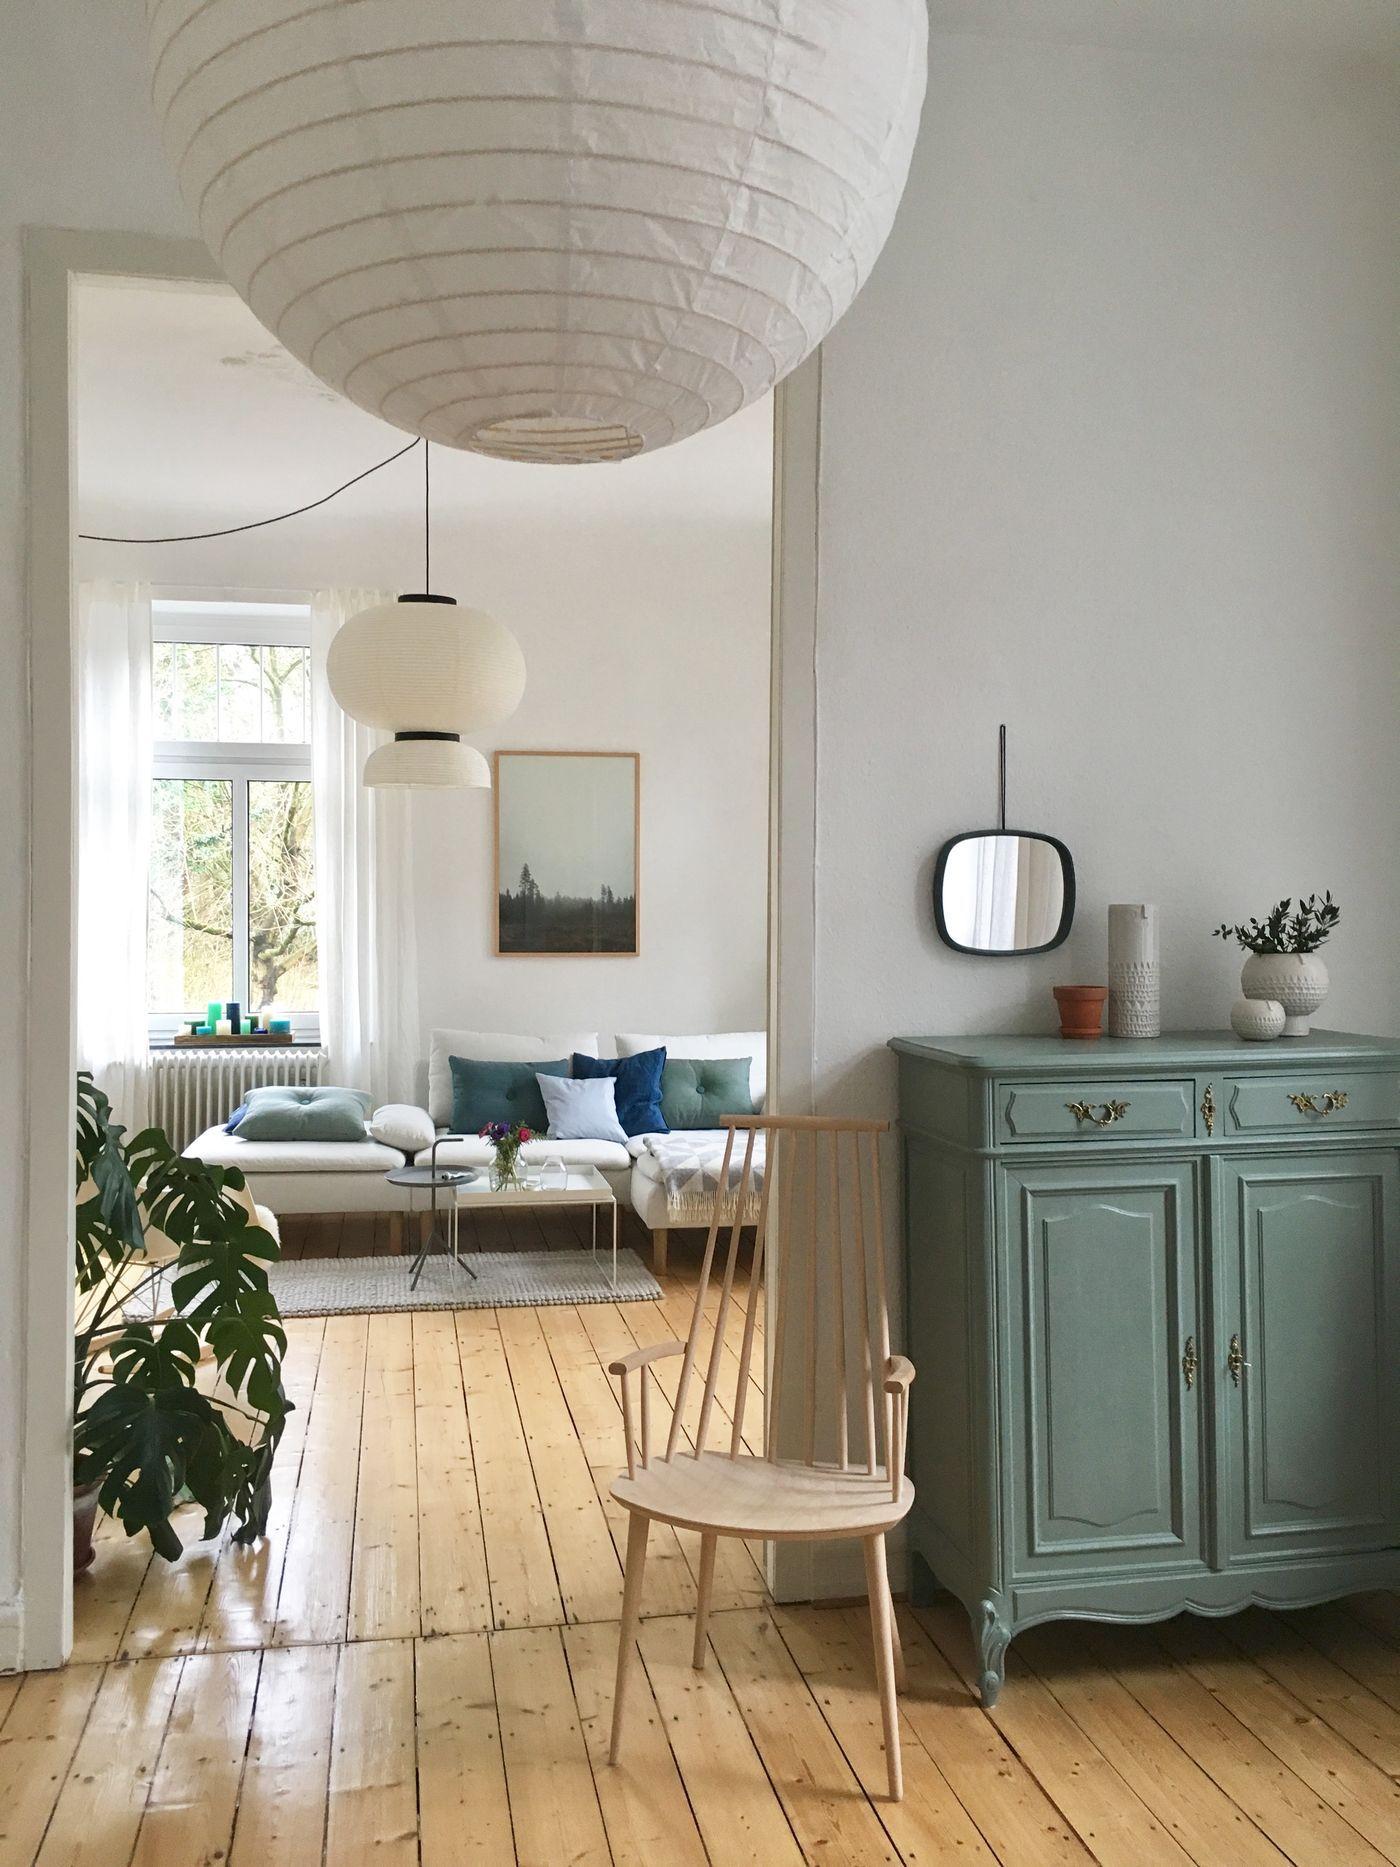 altbauwohnung einrichten sch ne ideen f r den altbau seite 11. Black Bedroom Furniture Sets. Home Design Ideas